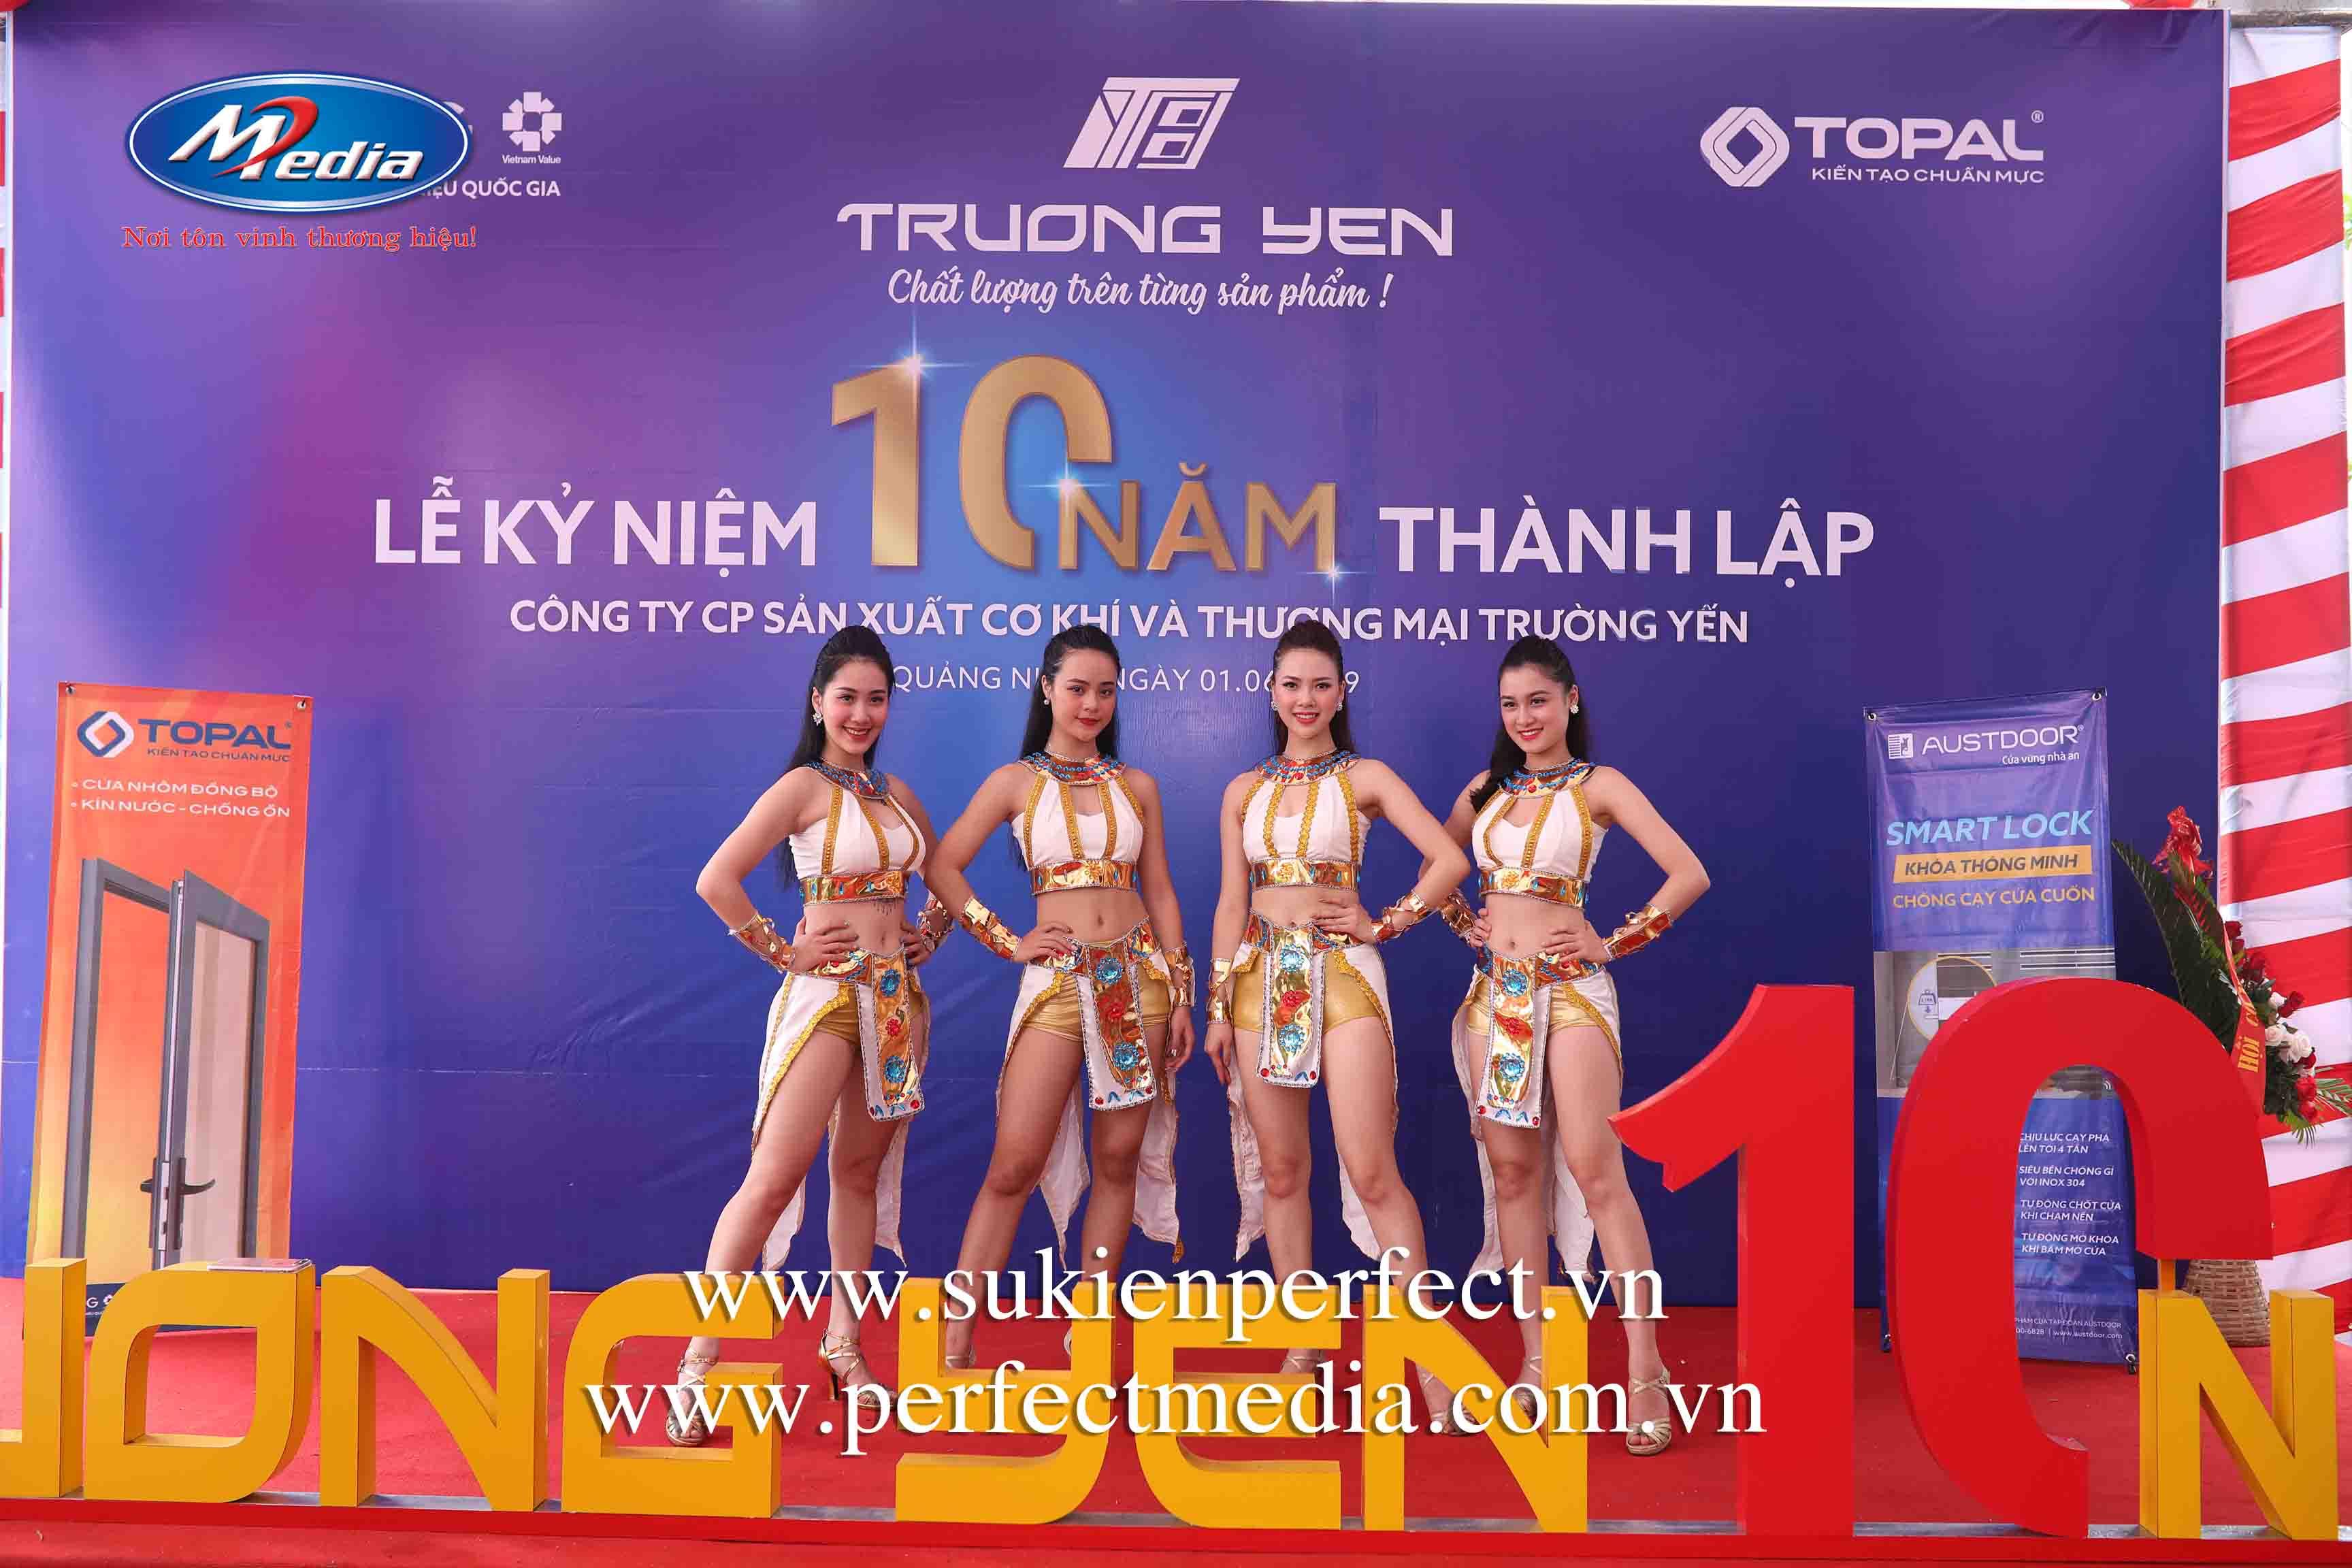 tổ chức sự kiện kỷ niệm, tri ân khách hàng một cách chuyên nghiệp tại Hạ Long nói riêng và tỉnh Quảng Ninh